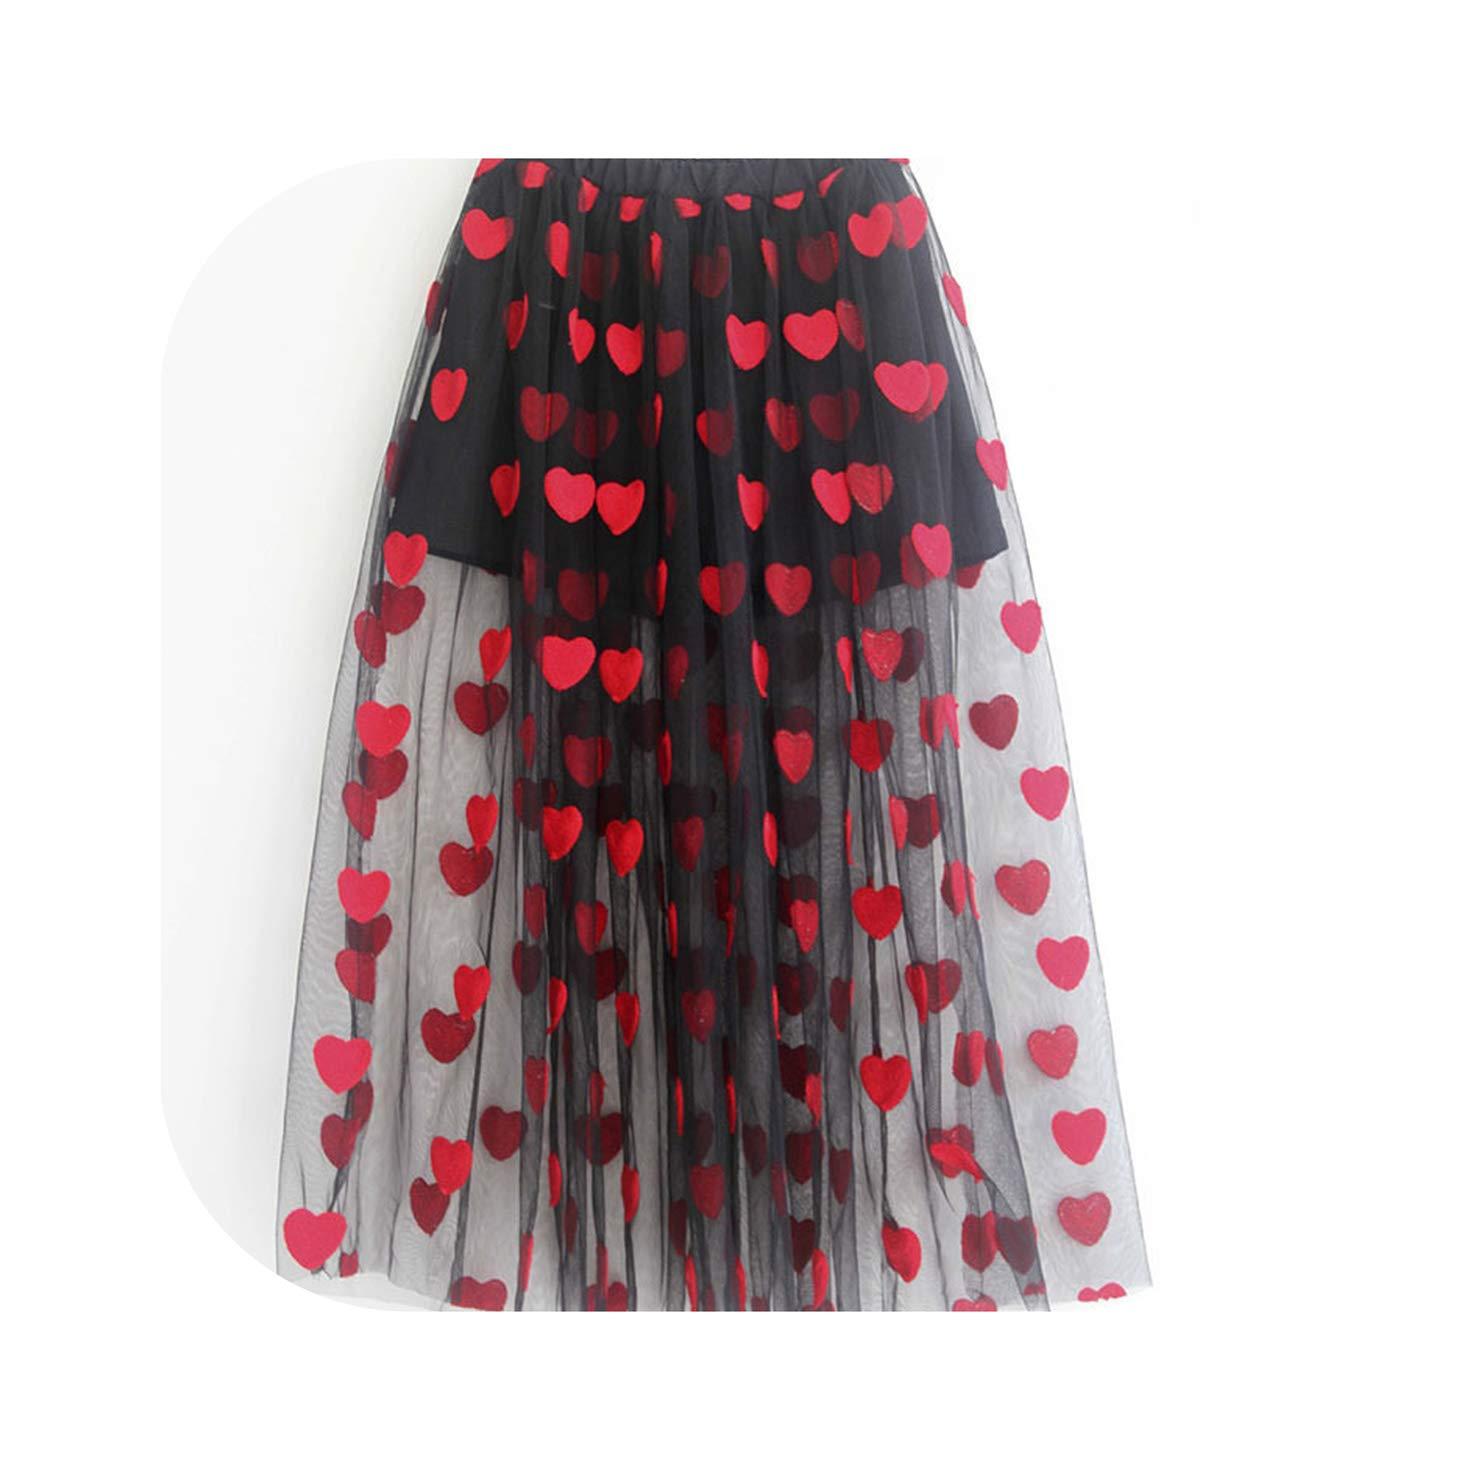 Embroidery Heart Pattern Teenage Skirt for Girls Summer Mesh Tulle Black Toddler Girl Skirts Children Shorts